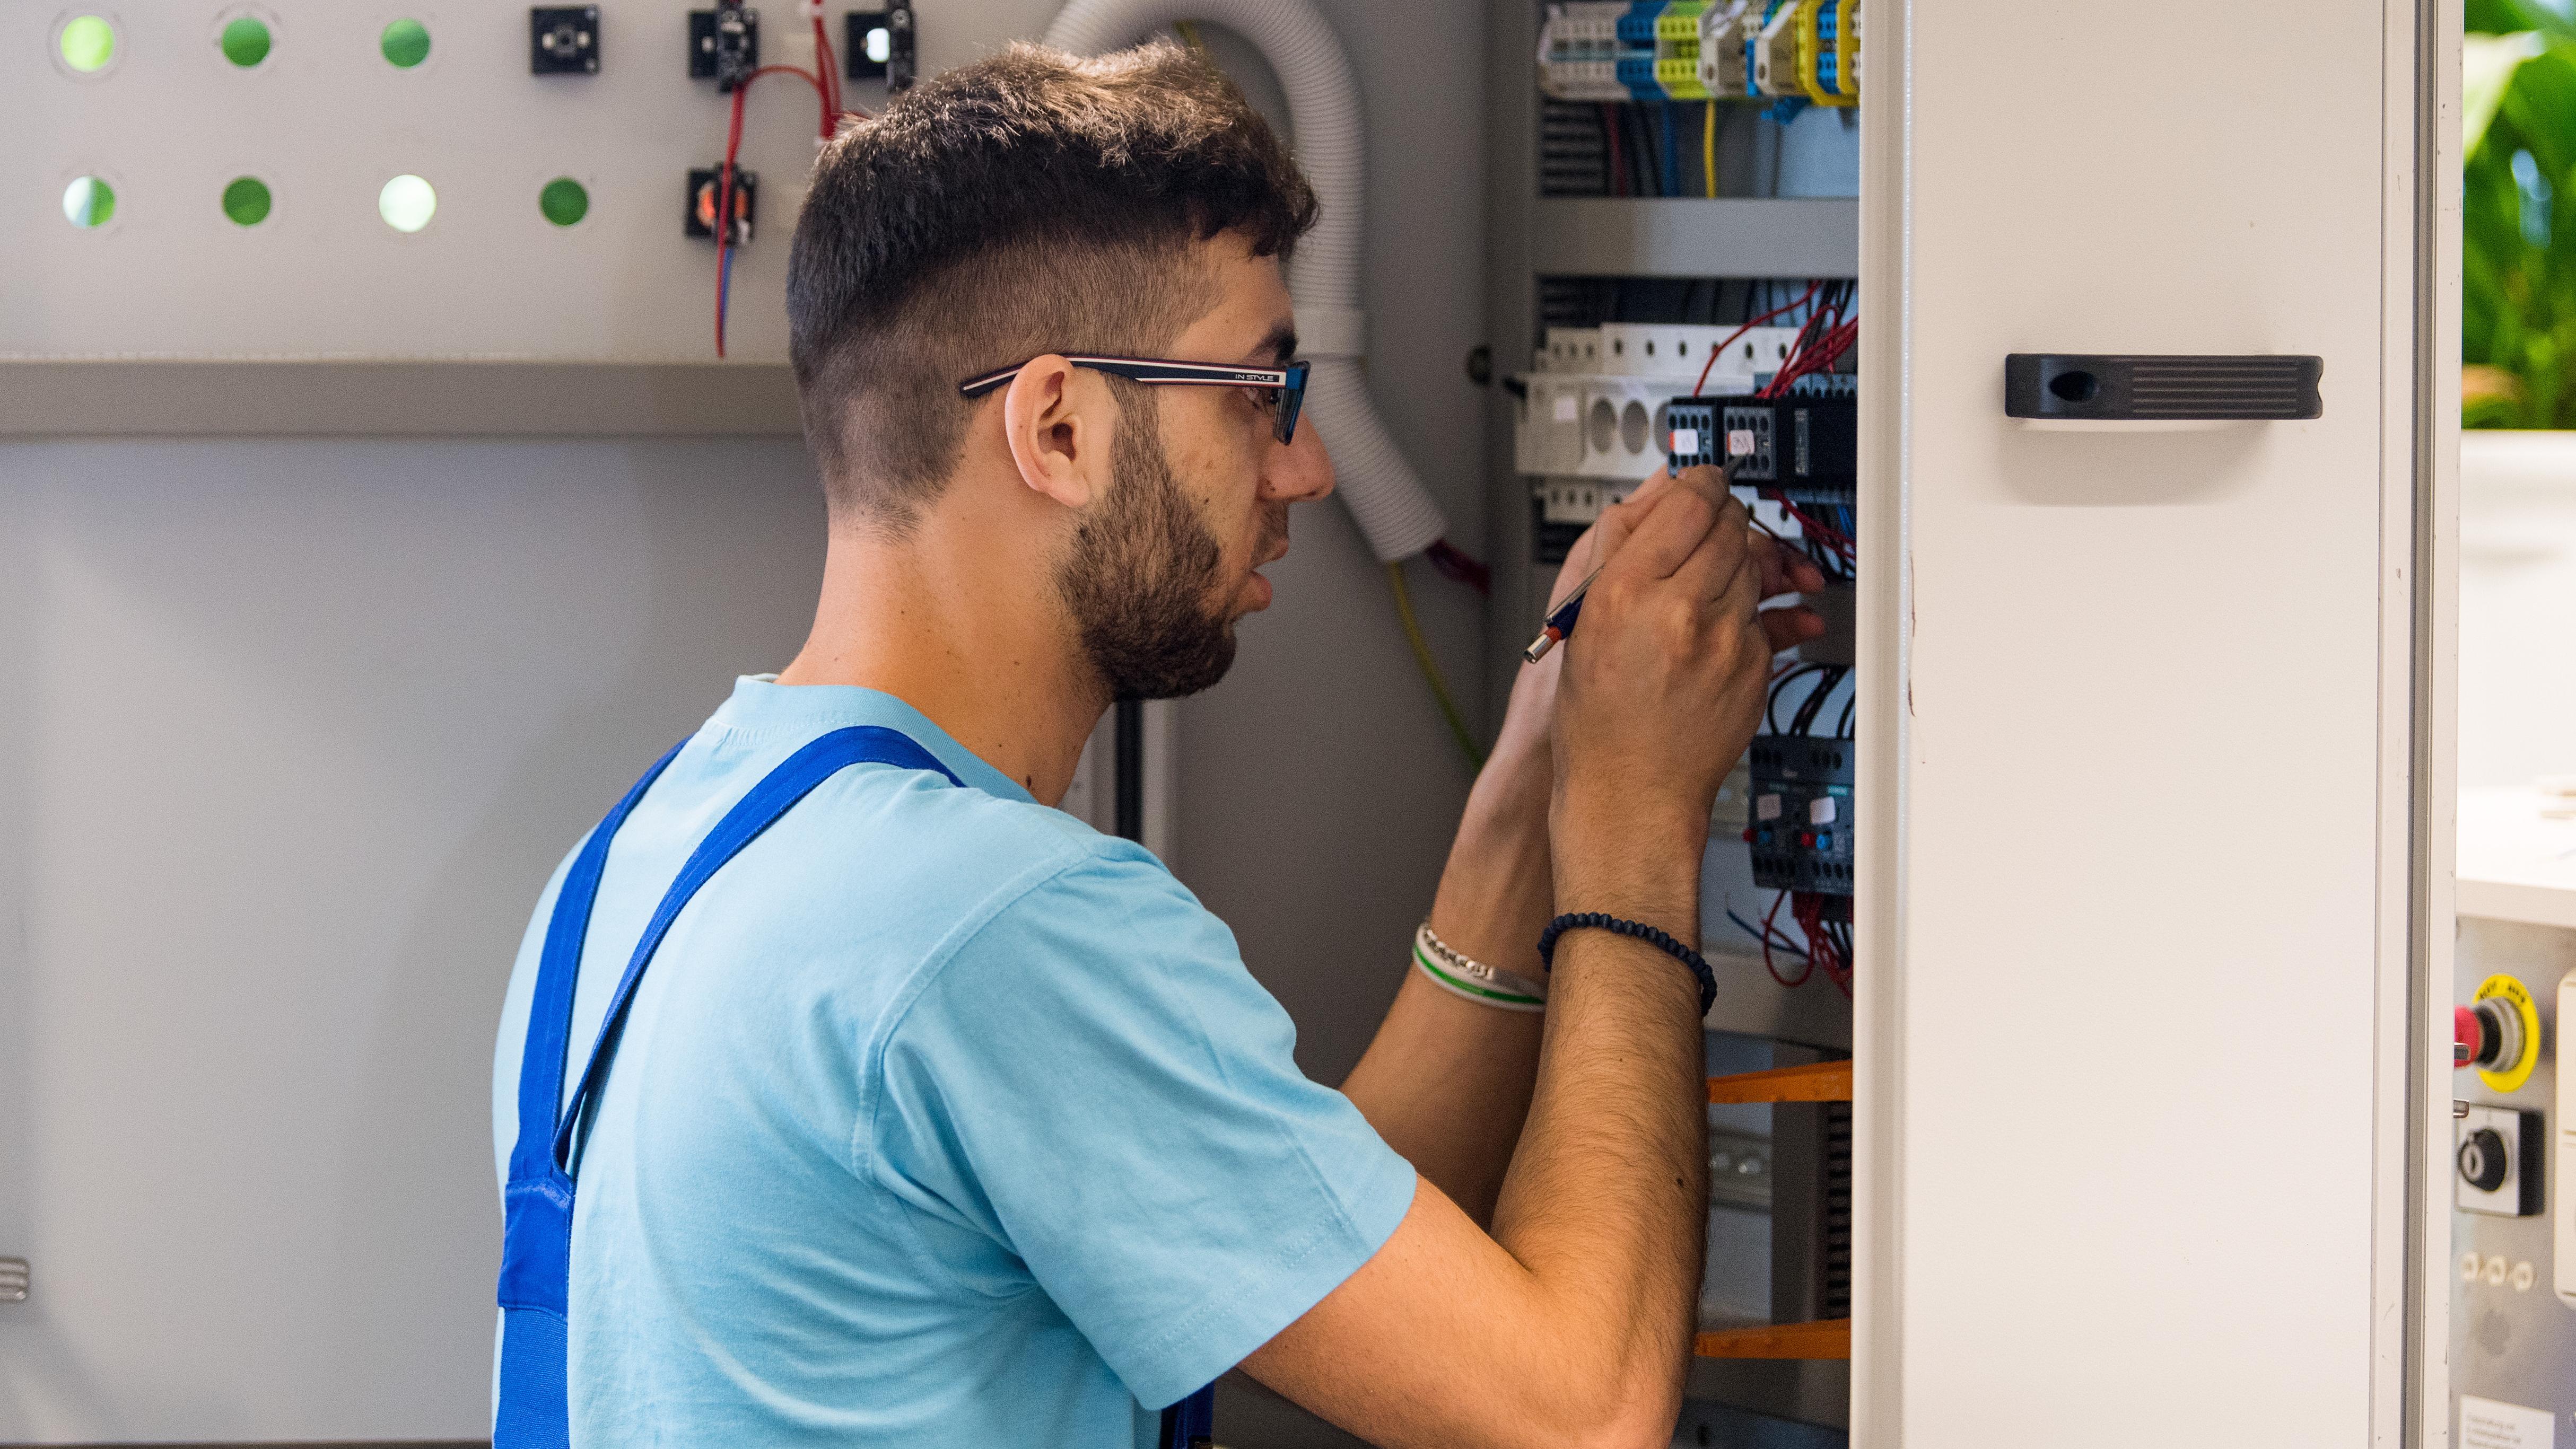 Der 23-jährige Azzam aus Syrien arbeitet bei Siemens an einem Schaltschrank